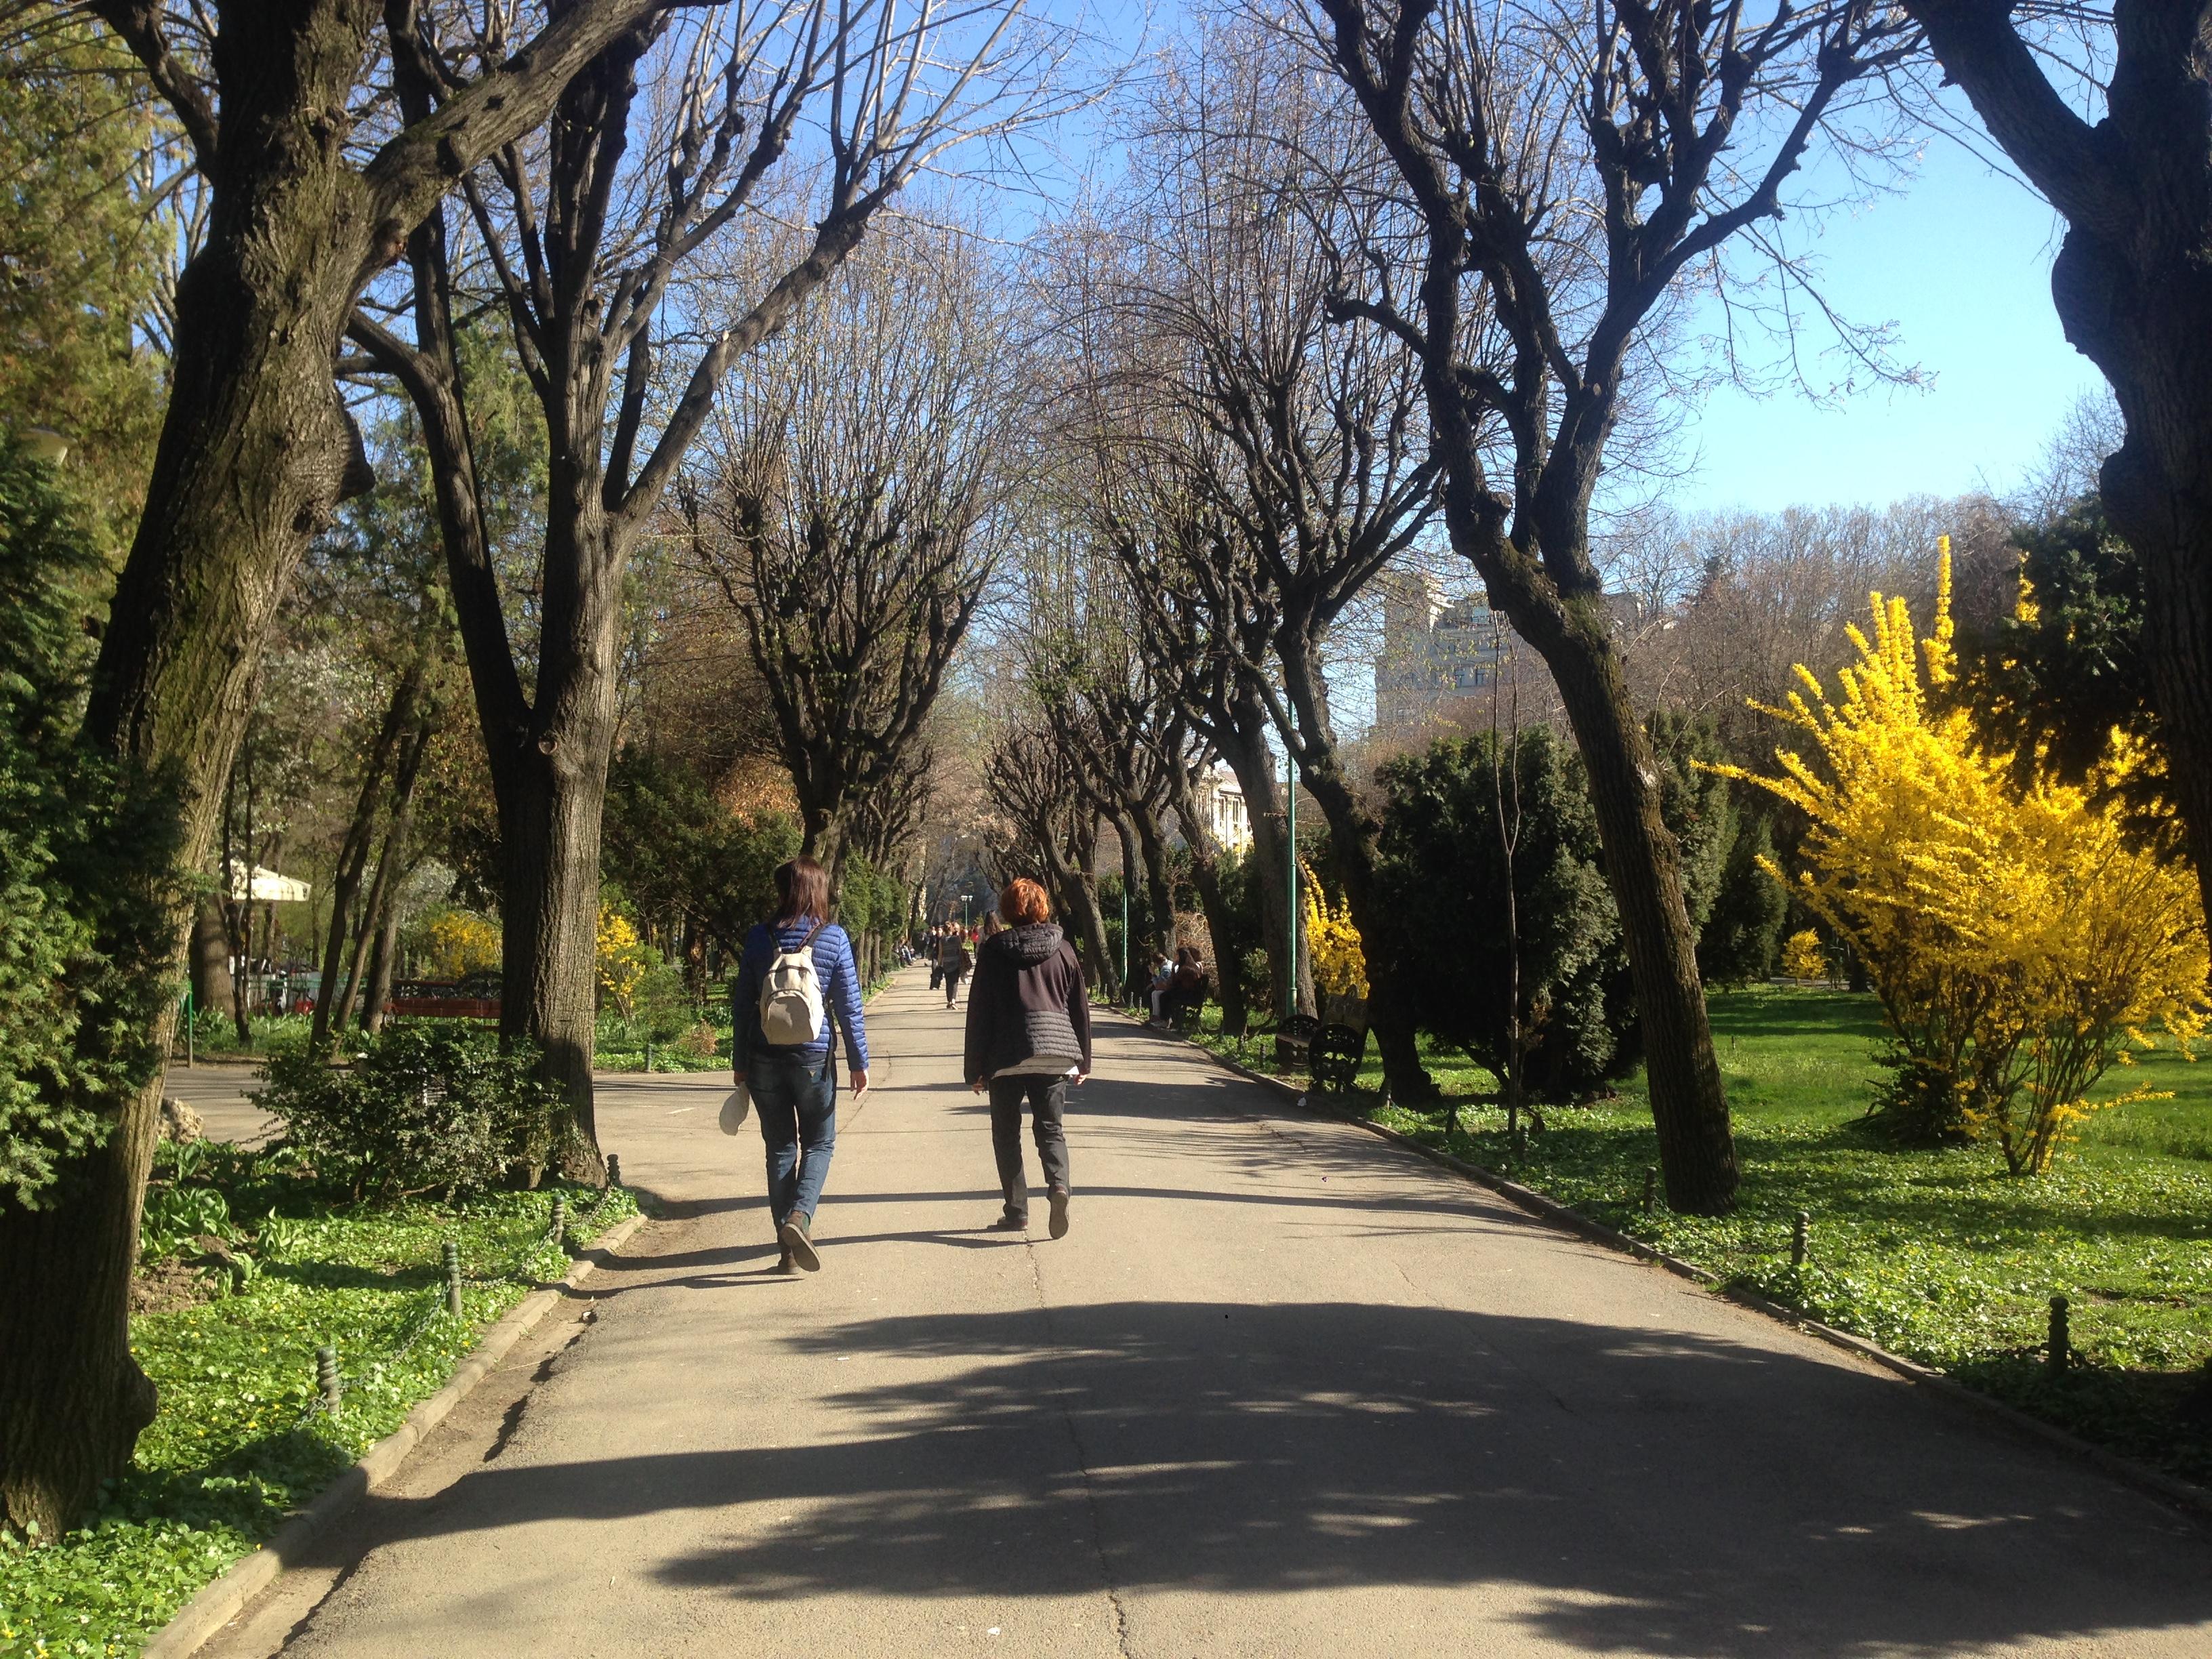 Viale alberato di un parco con persone che passeggiano